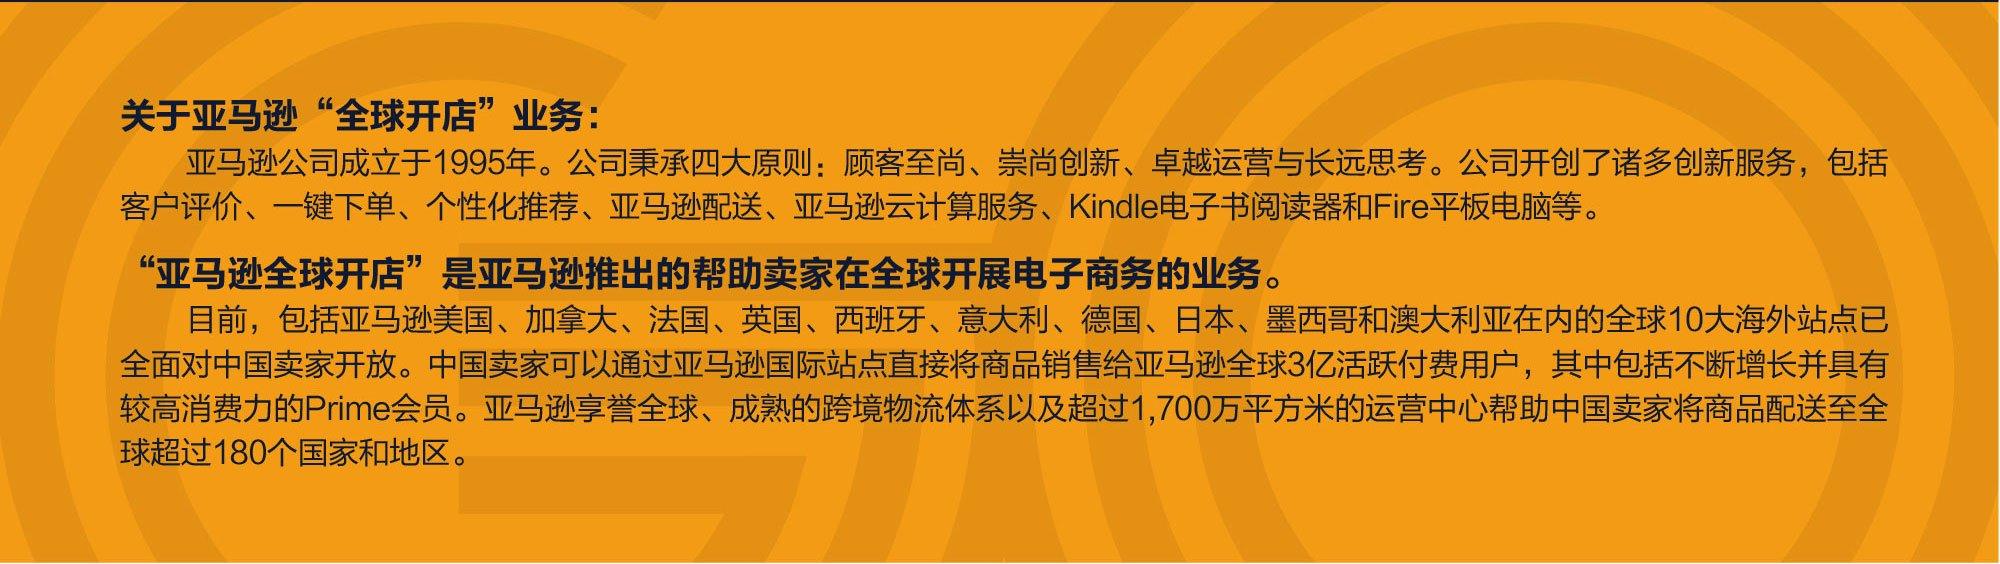 """关于亚马逊""""全球开店""""业务: 亚马逊公司成立于1995年。公司秉承四大原则:顾客至尚、崇尚创新、卓越运营与长远思考。公司开创了诸多创新服务,包括客户评价、一键下单、个性化推荐、亚马逊配送、亚马逊云计算服务、Kindle电子书阅读器和Fire平板电脑等。"""